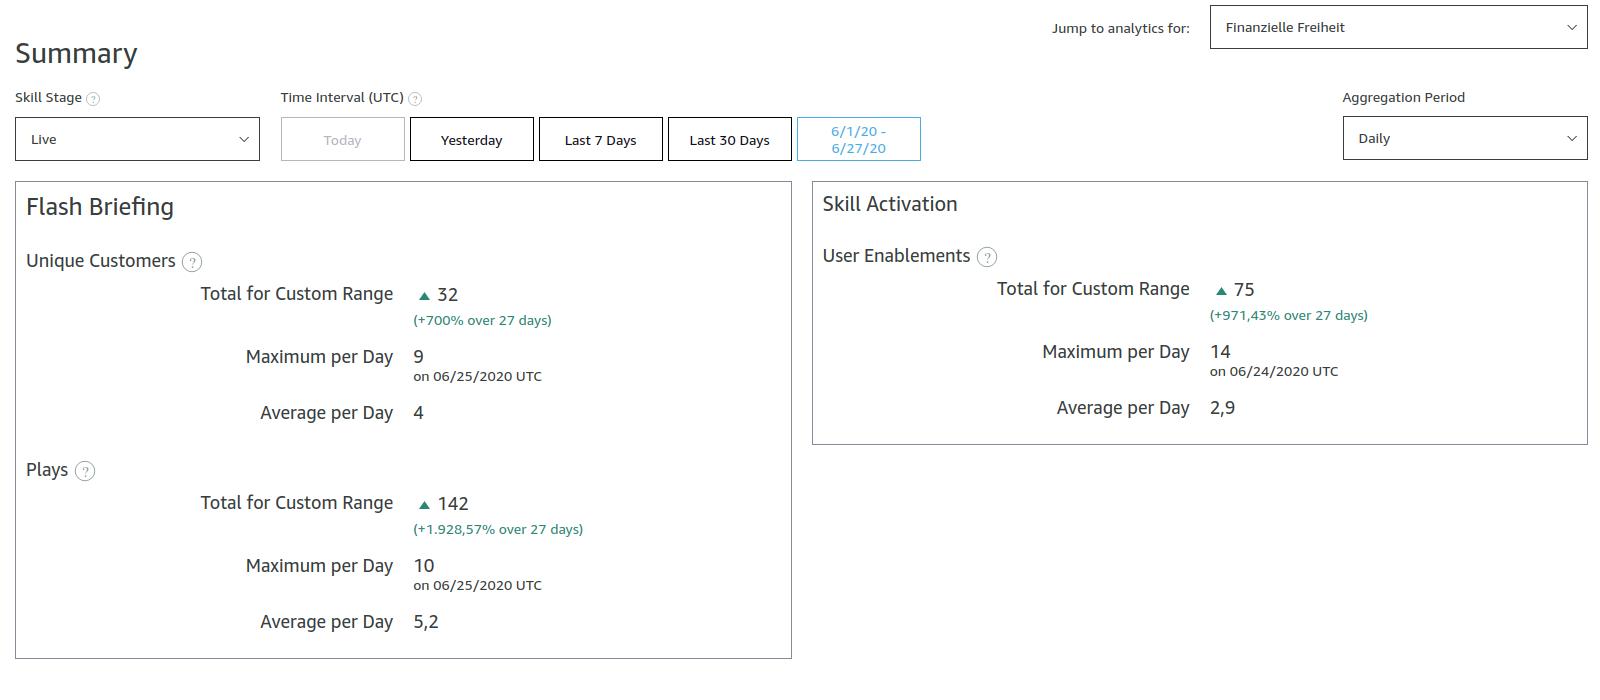 Zusammenfassung des Nutzerverhaltens seit dem Launch